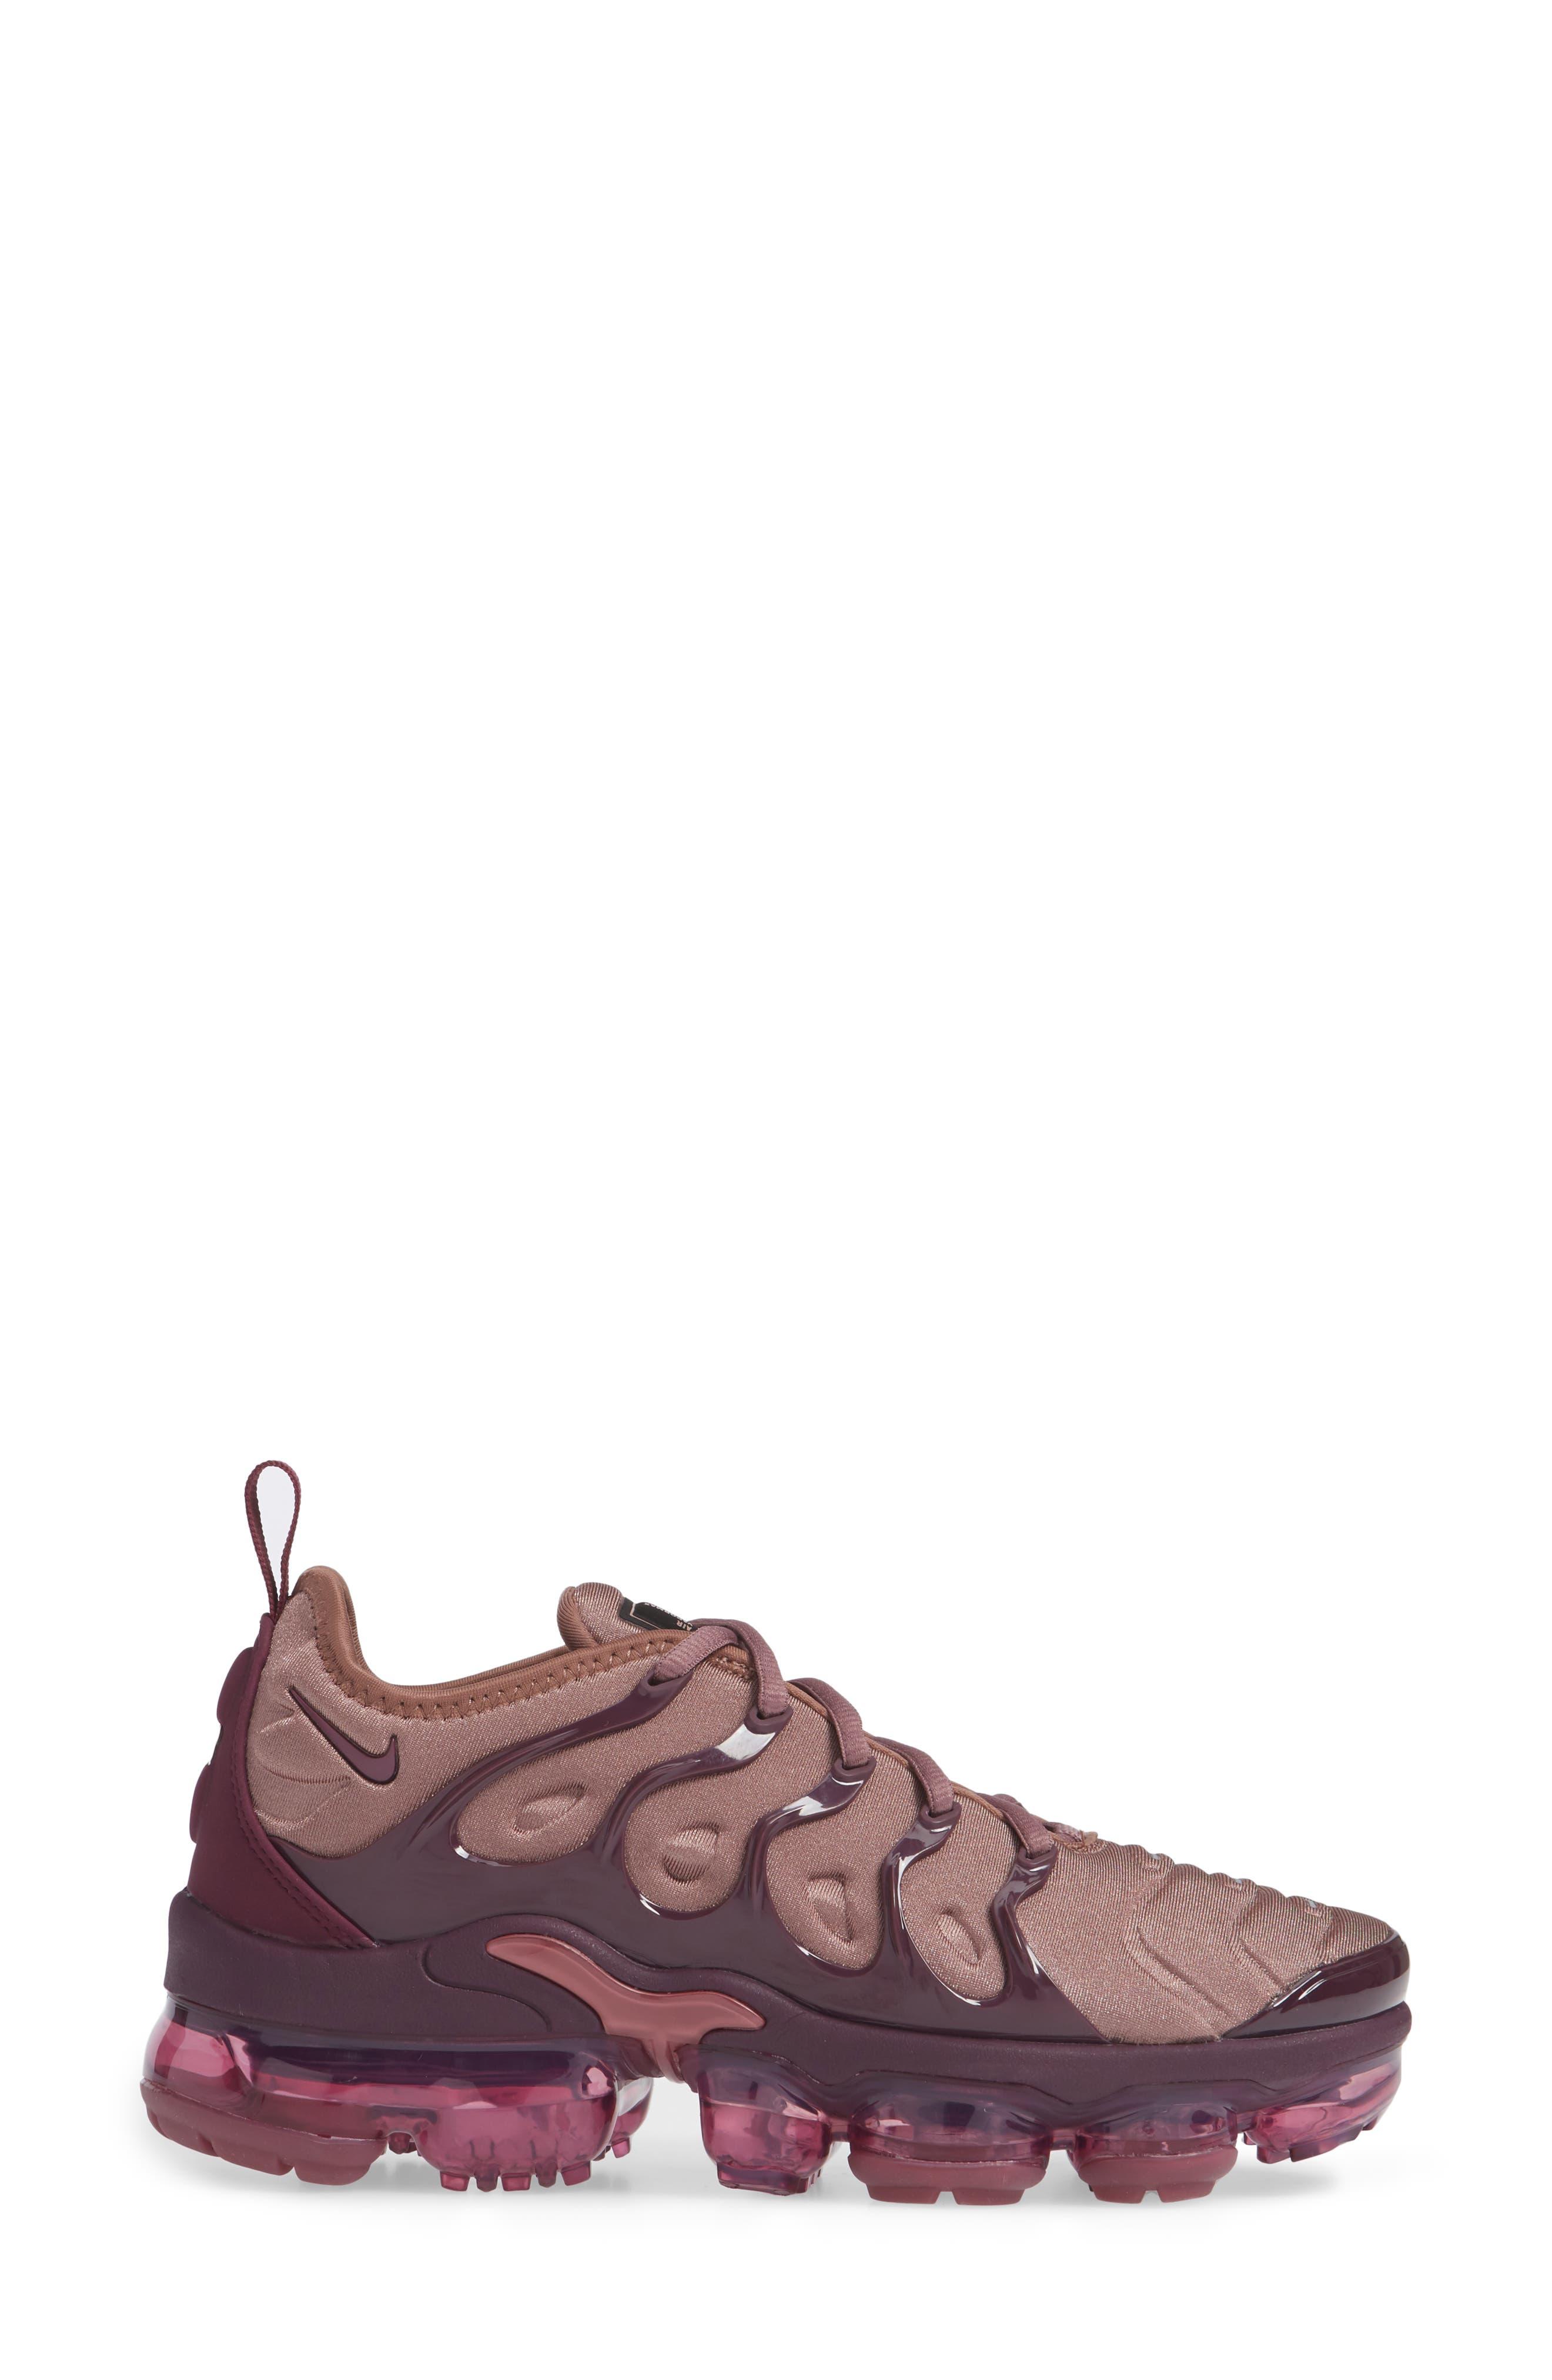 Air VaporMax Plus Sneaker,                             Alternate thumbnail 3, color,                             MAUVE/ BORDEAUX/ WINE/ BLACK